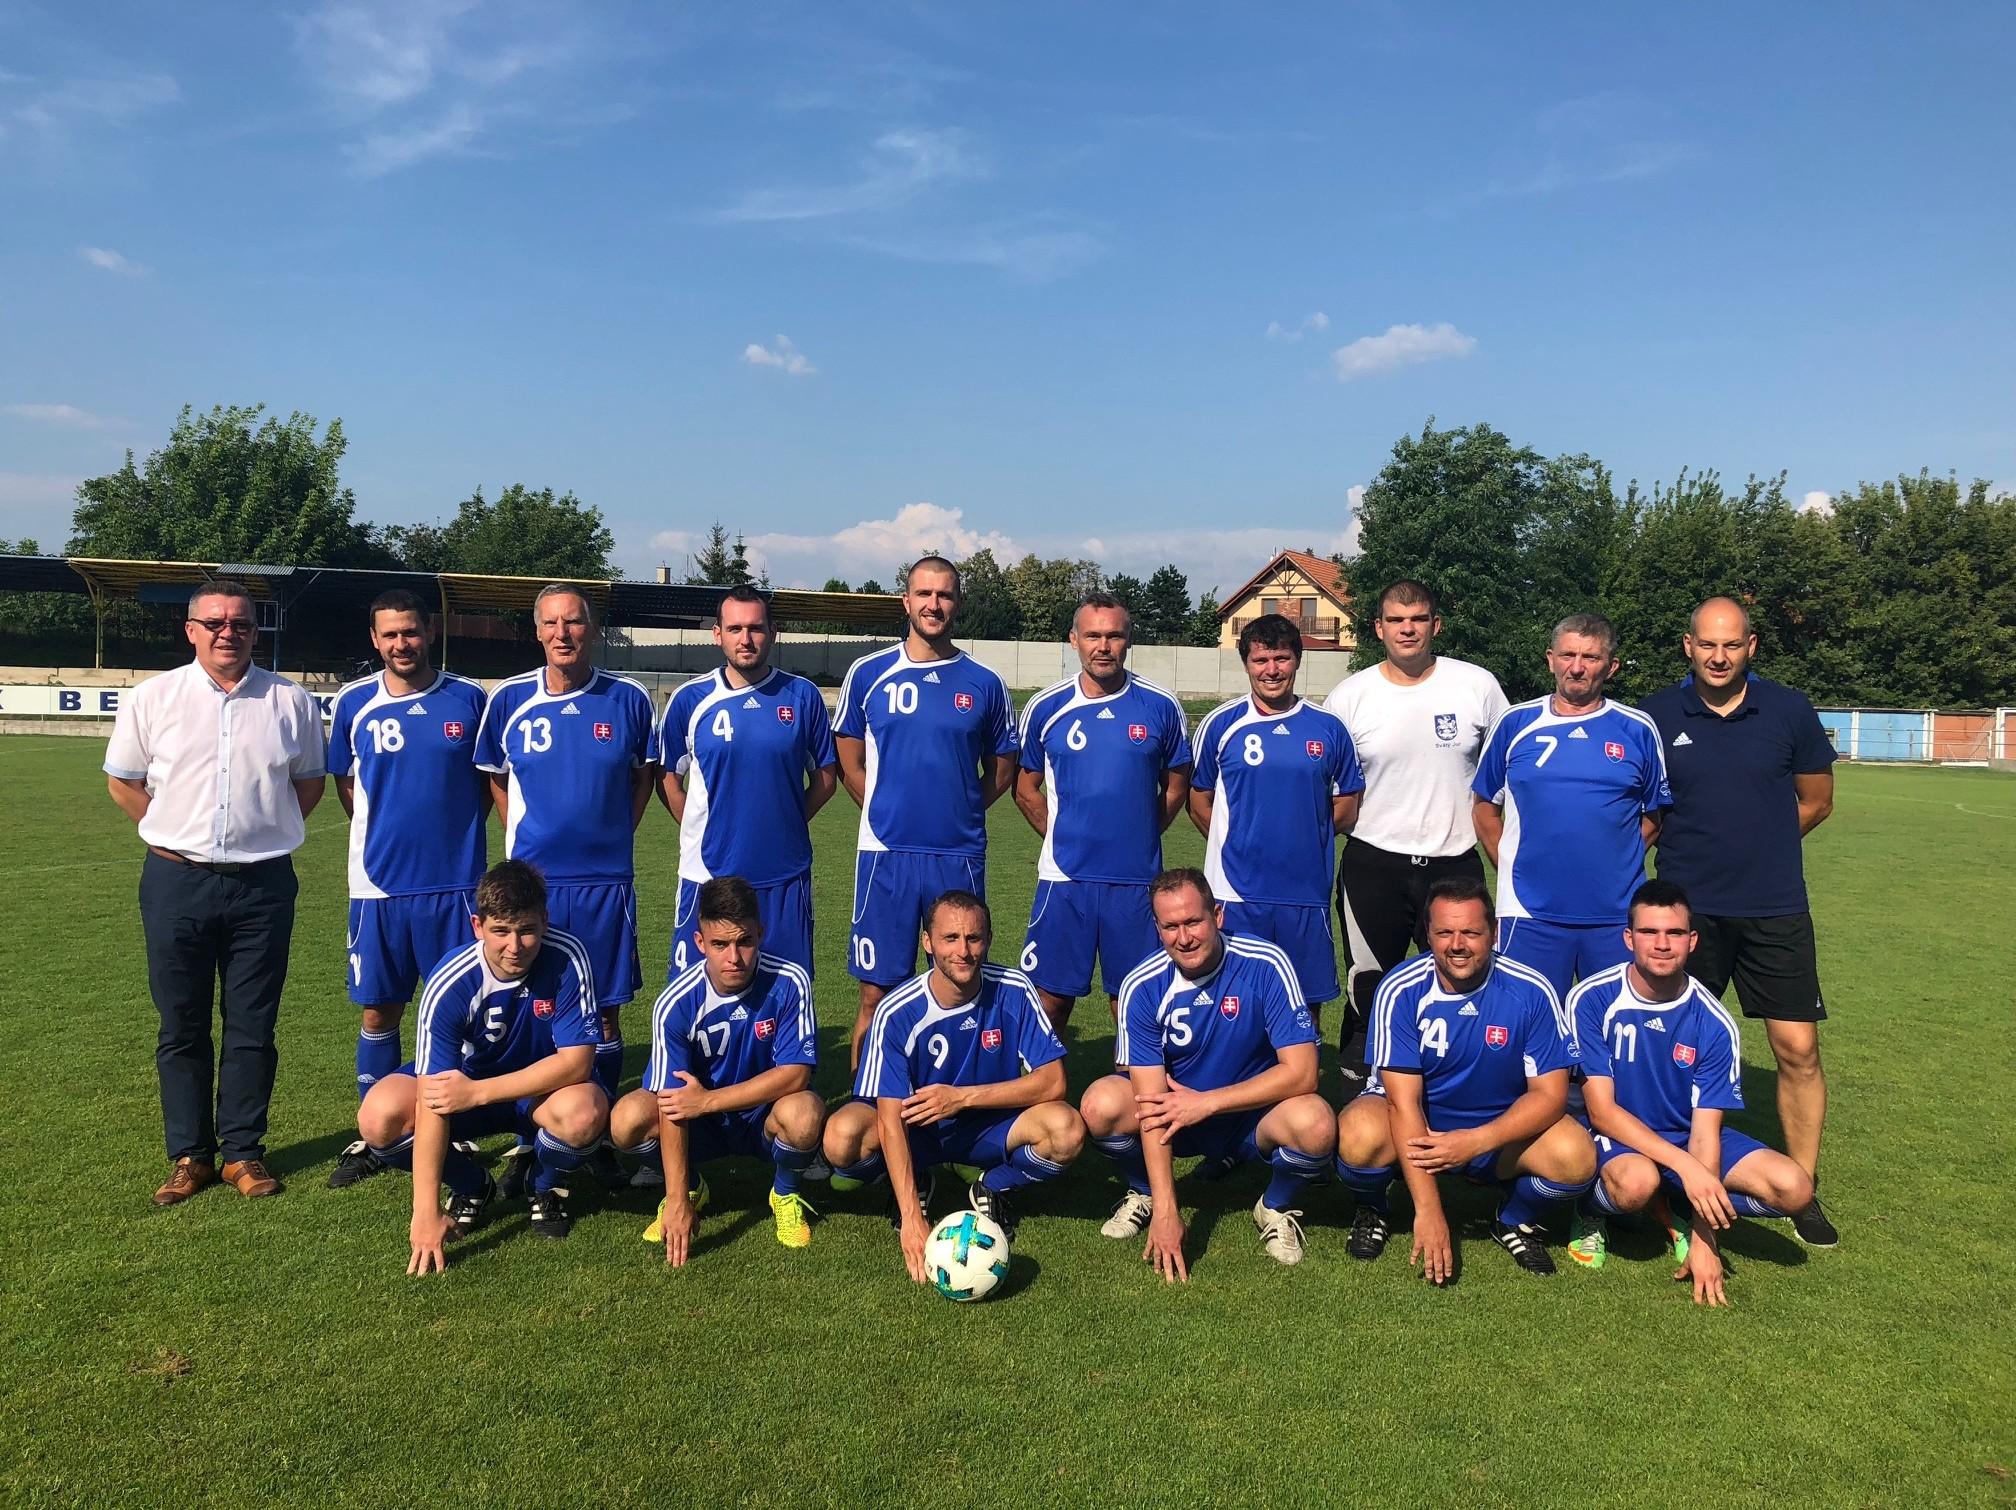 Rozhodcovia BFZ ukázali svoje futbalové umenie proti OLD – BOYS Bernolákovo